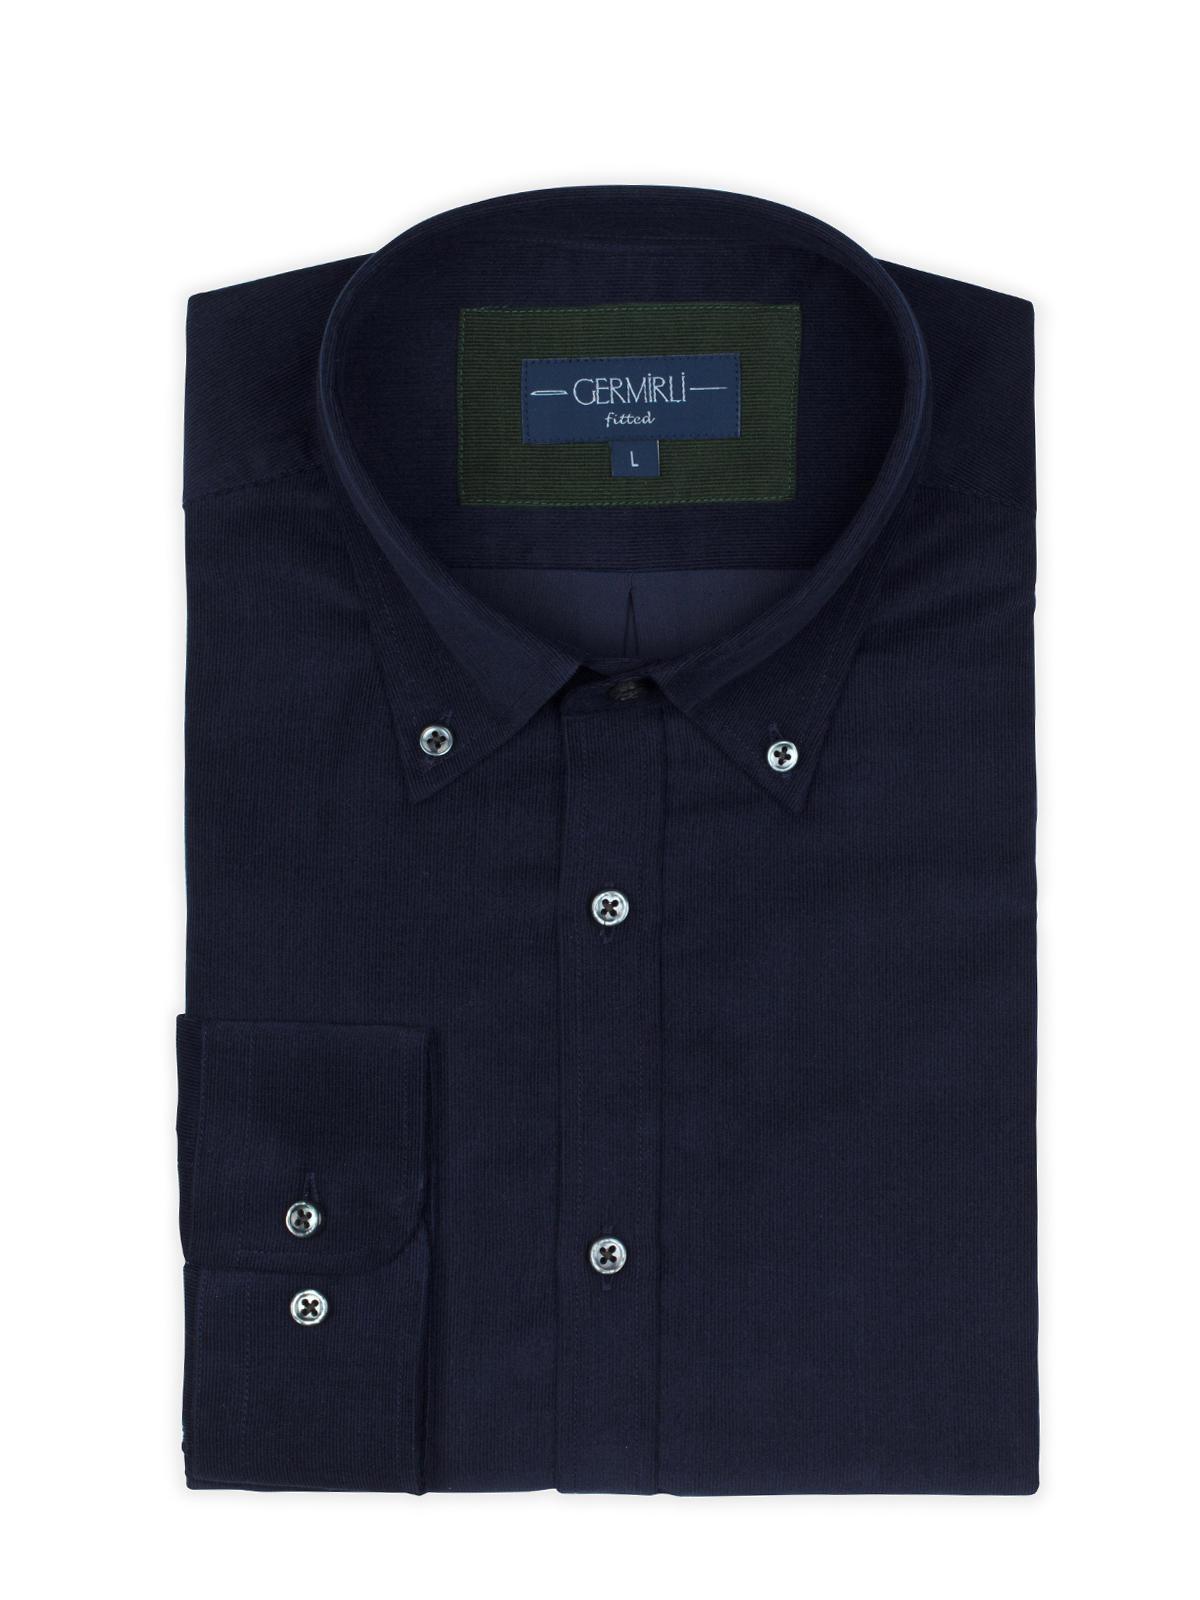 Germirli Lacivert Kadife Düğmeli Yaka Tailor Fit Gömlek